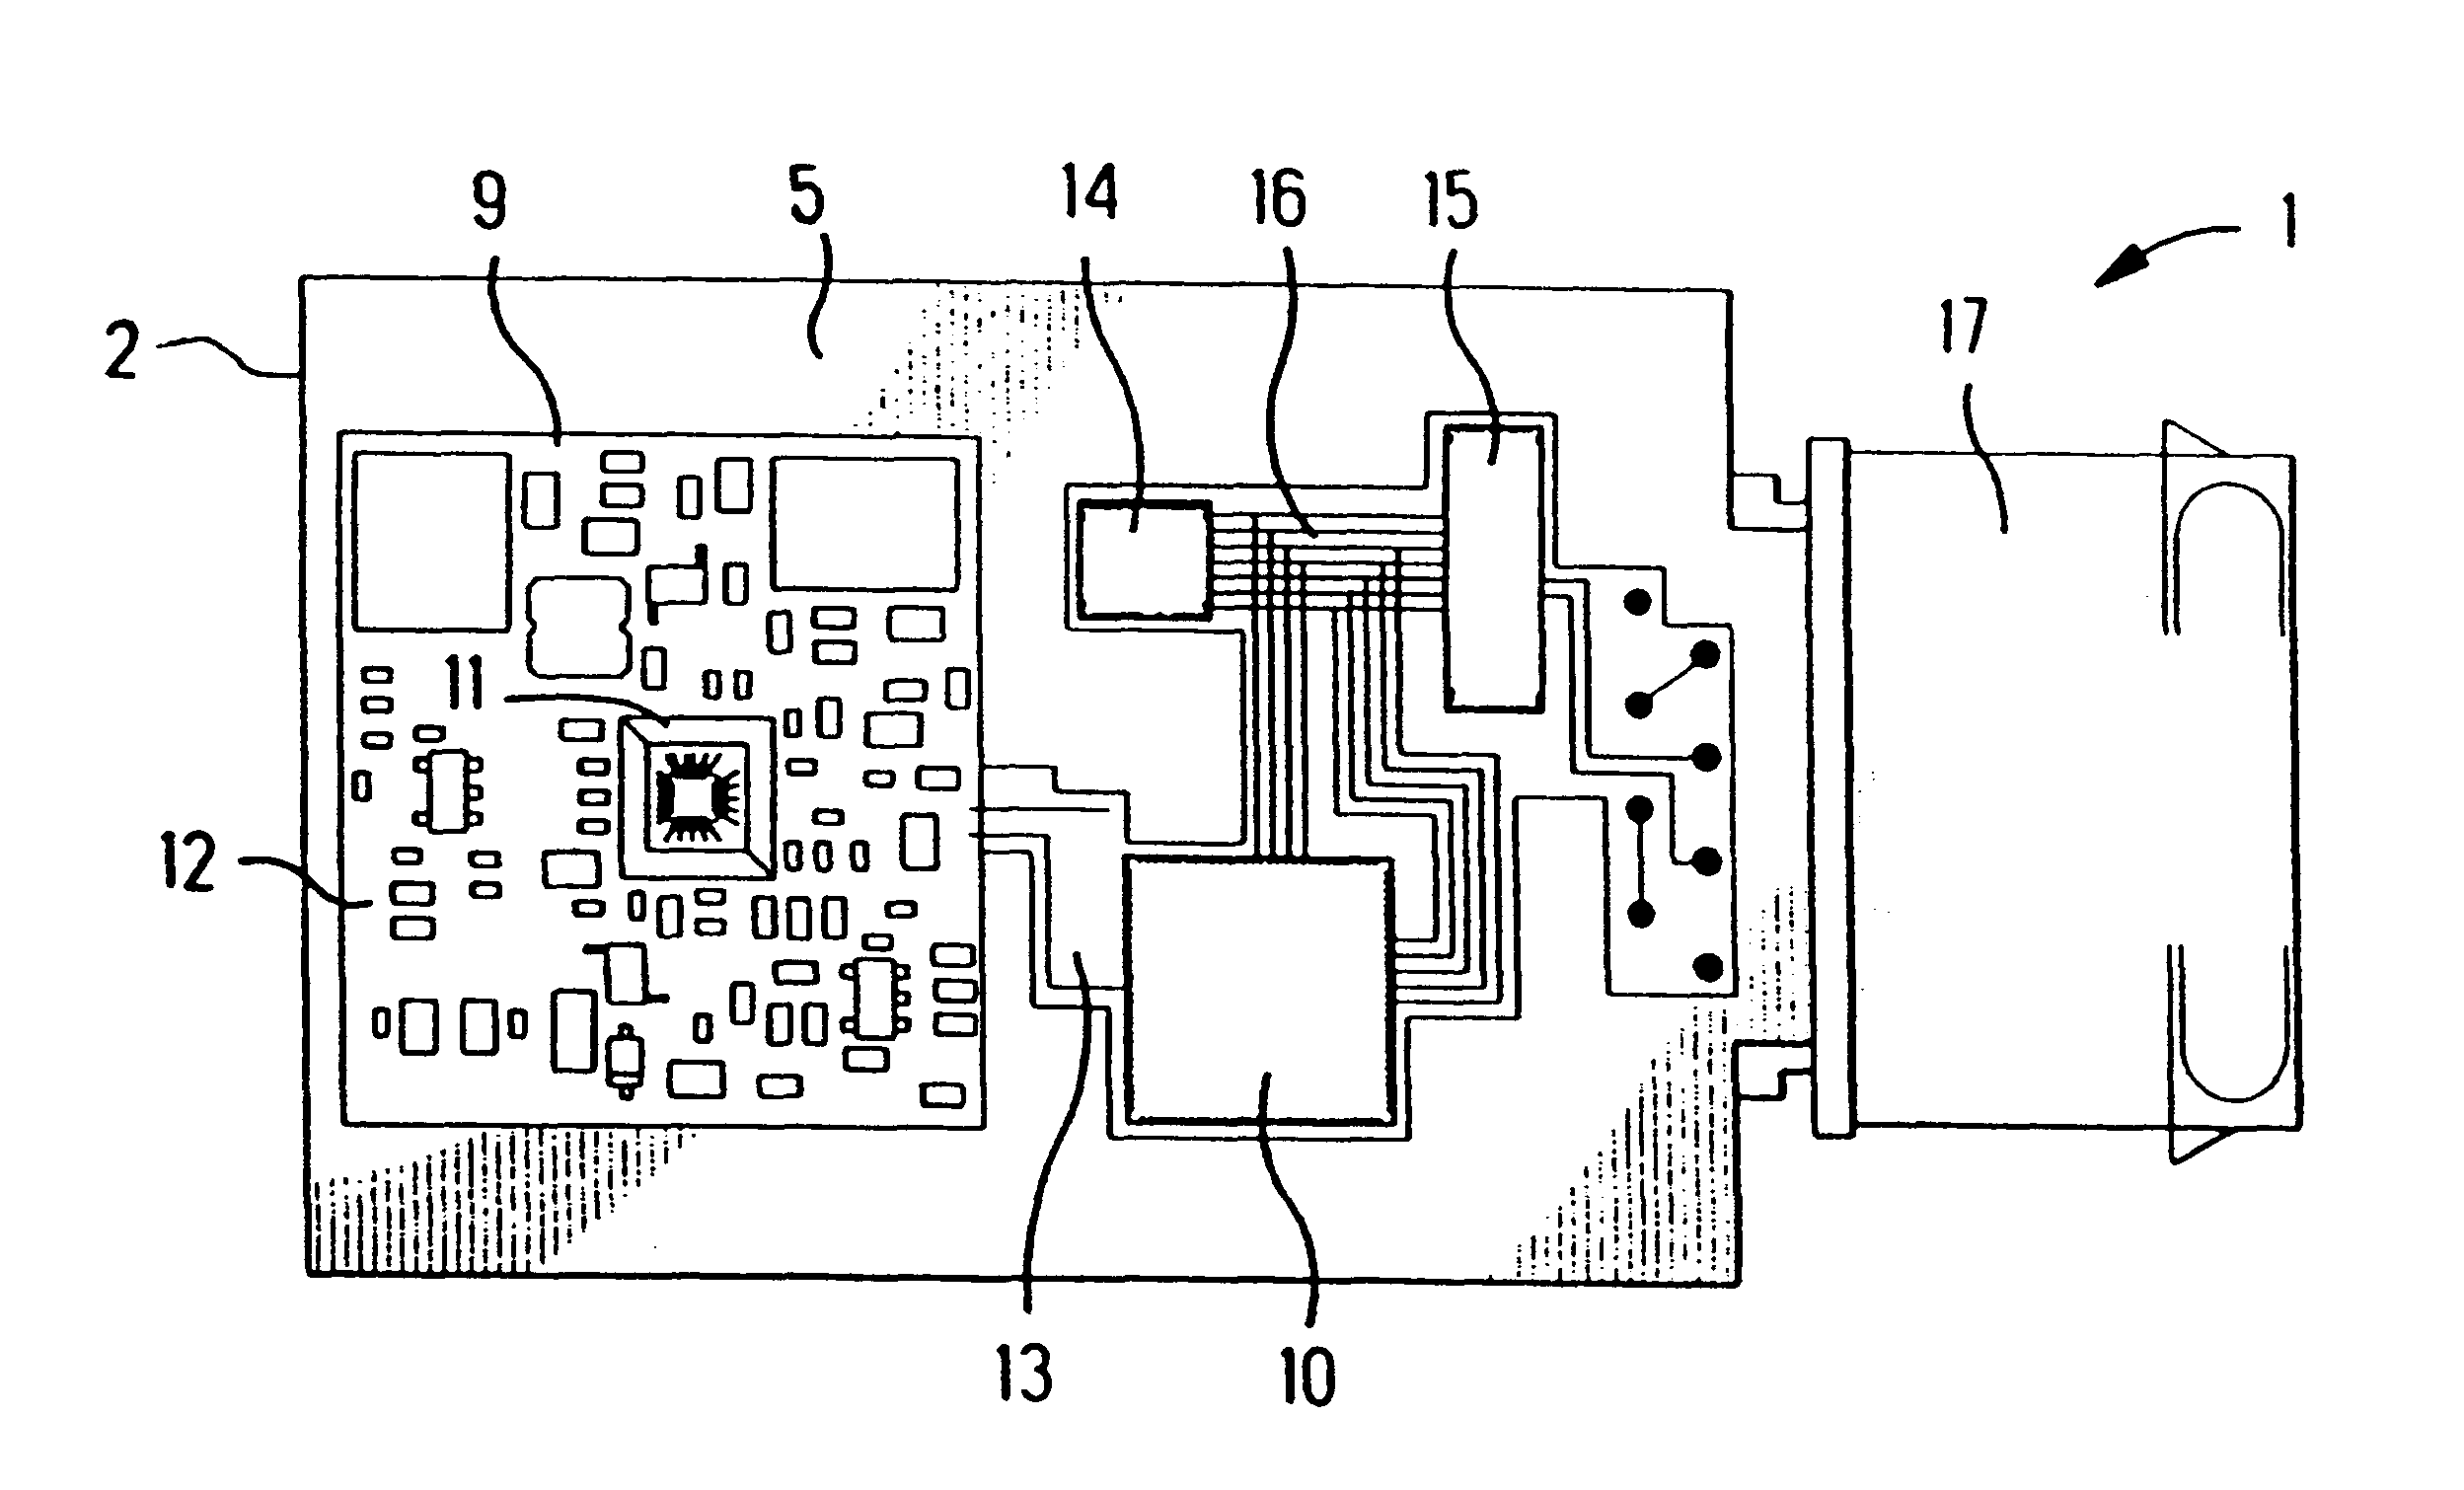 gps circuit board